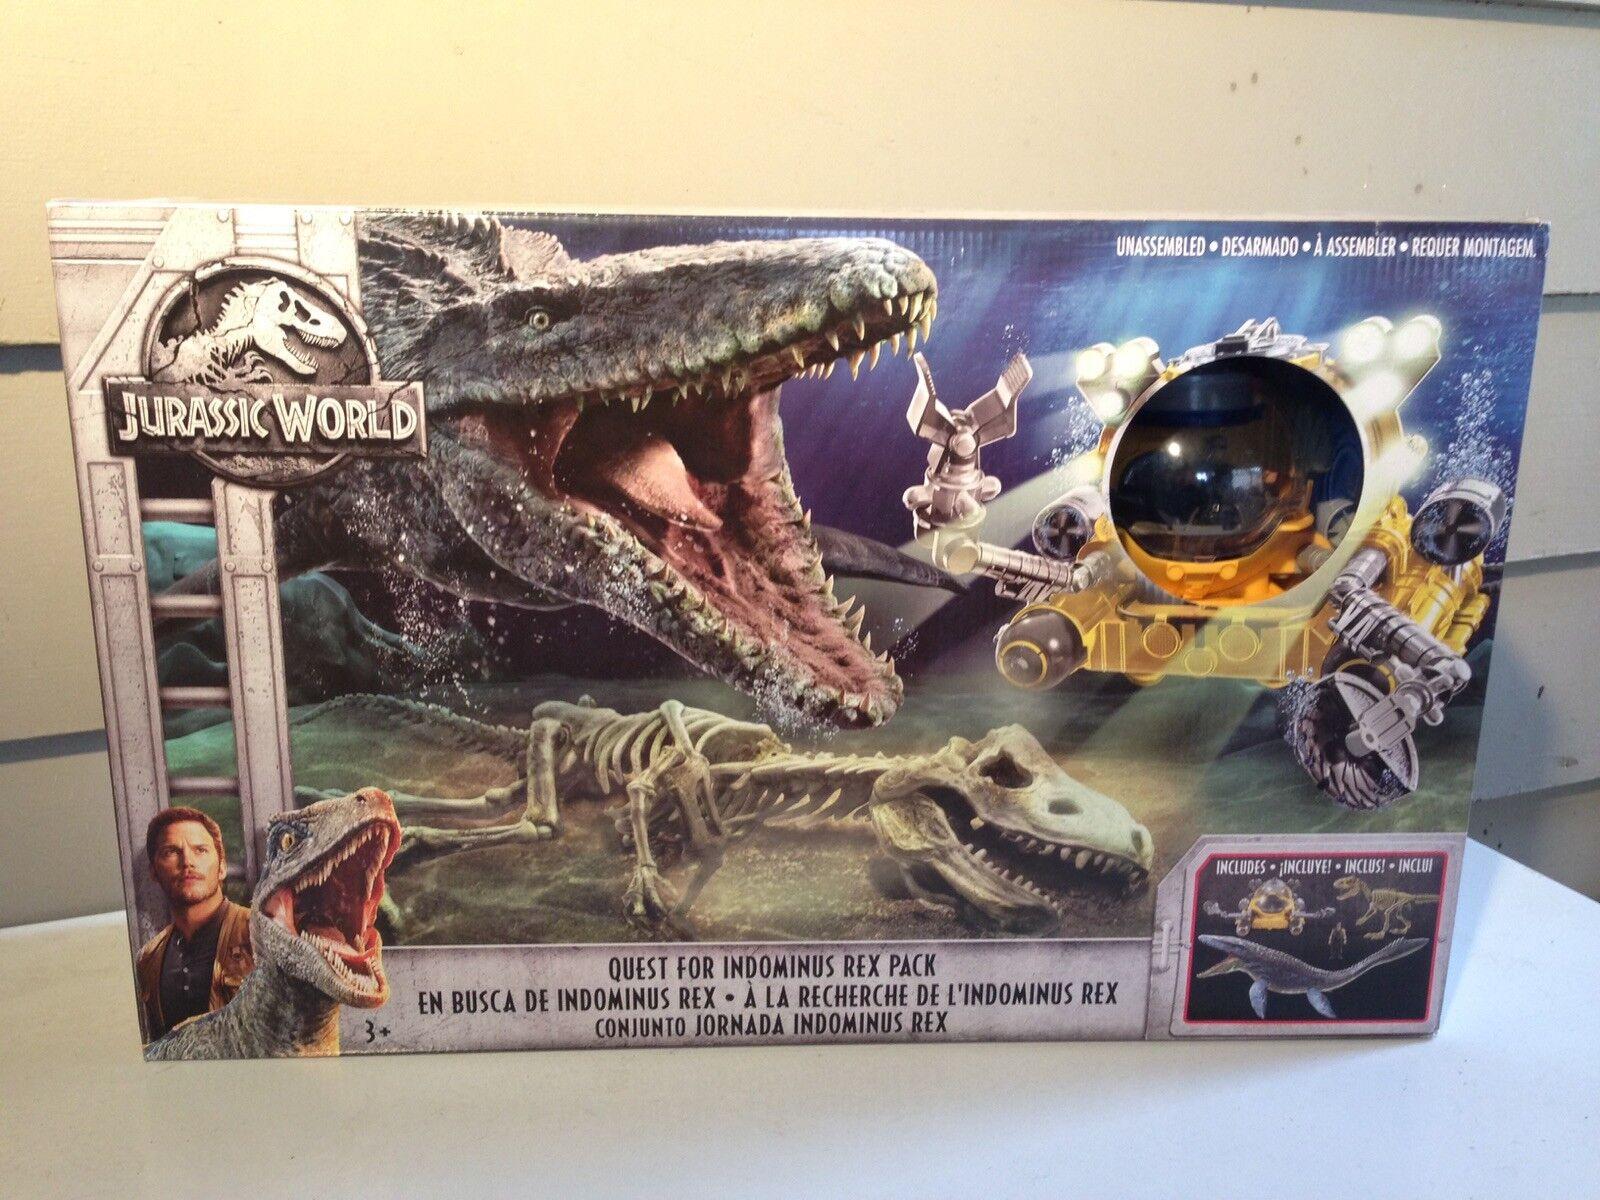 welt gefallenen königreich streben nach indominus rex mosasaurus u - Stiefel - neue